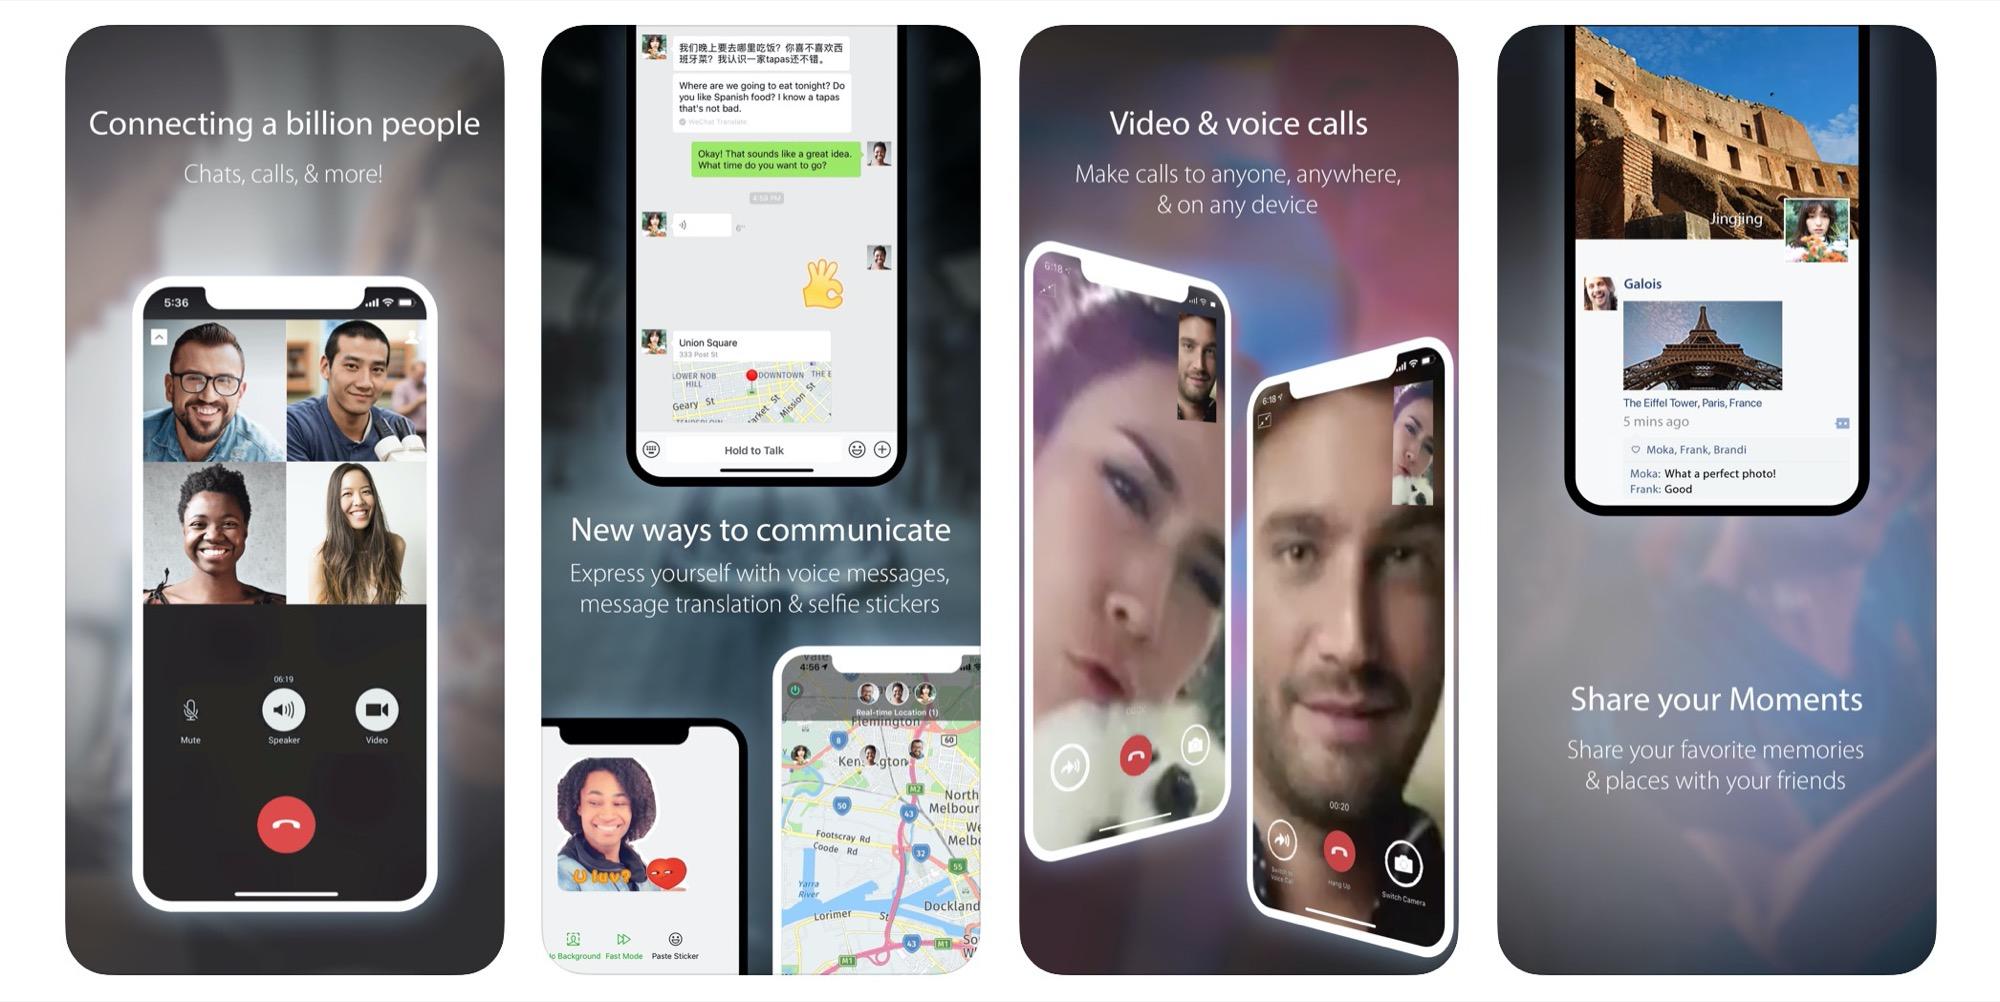 iPhone-försäljningen kan falla rejält om WeChat förbjuds Analytiker förutspår ett fall på 30% om appen portas från App ...